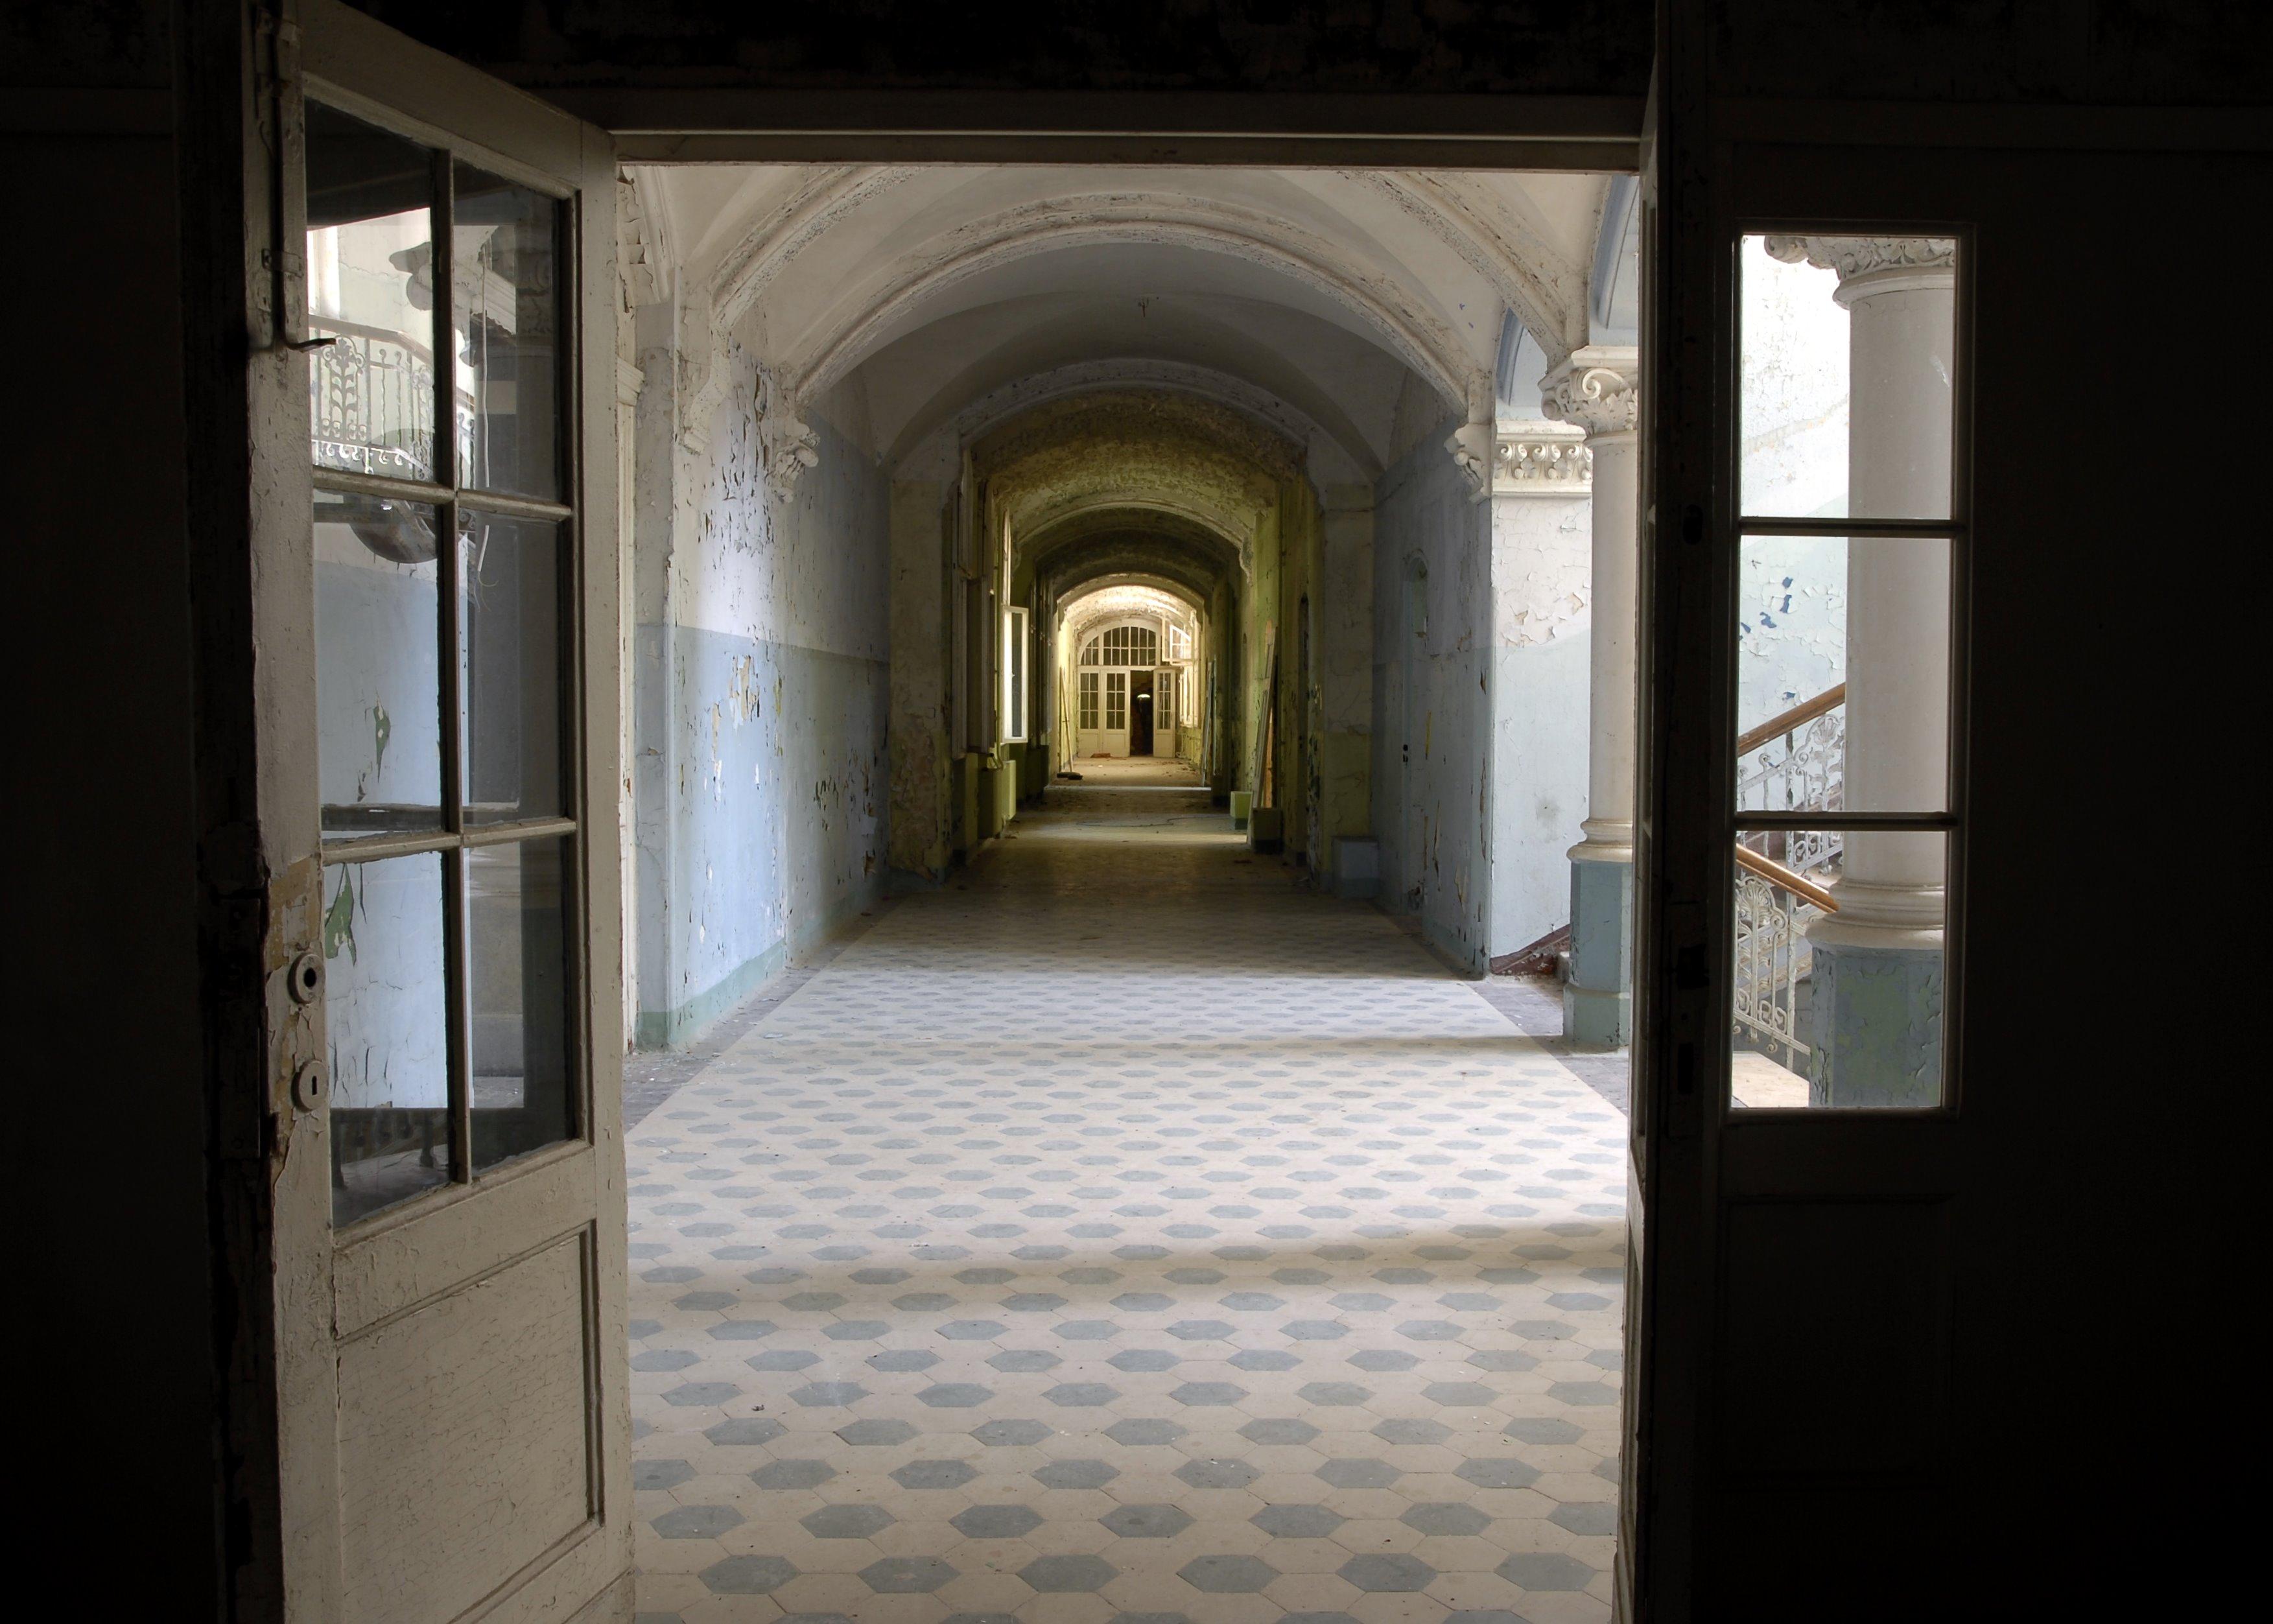 Beelitz Heilstätten als Drehort für A Cure for Wellness - August 2005